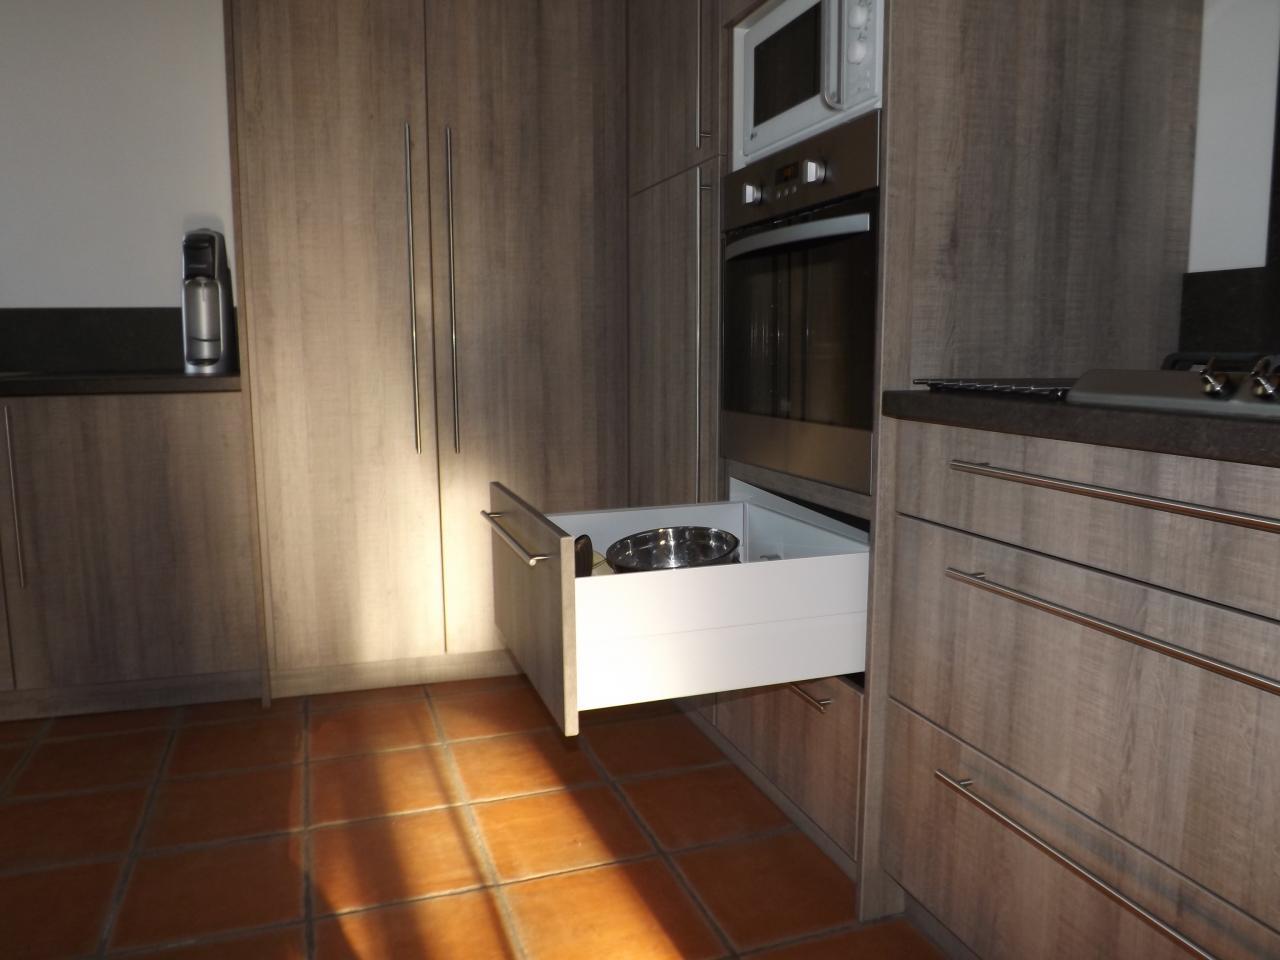 Cuisines et salles de bain for Pose d une cuisine